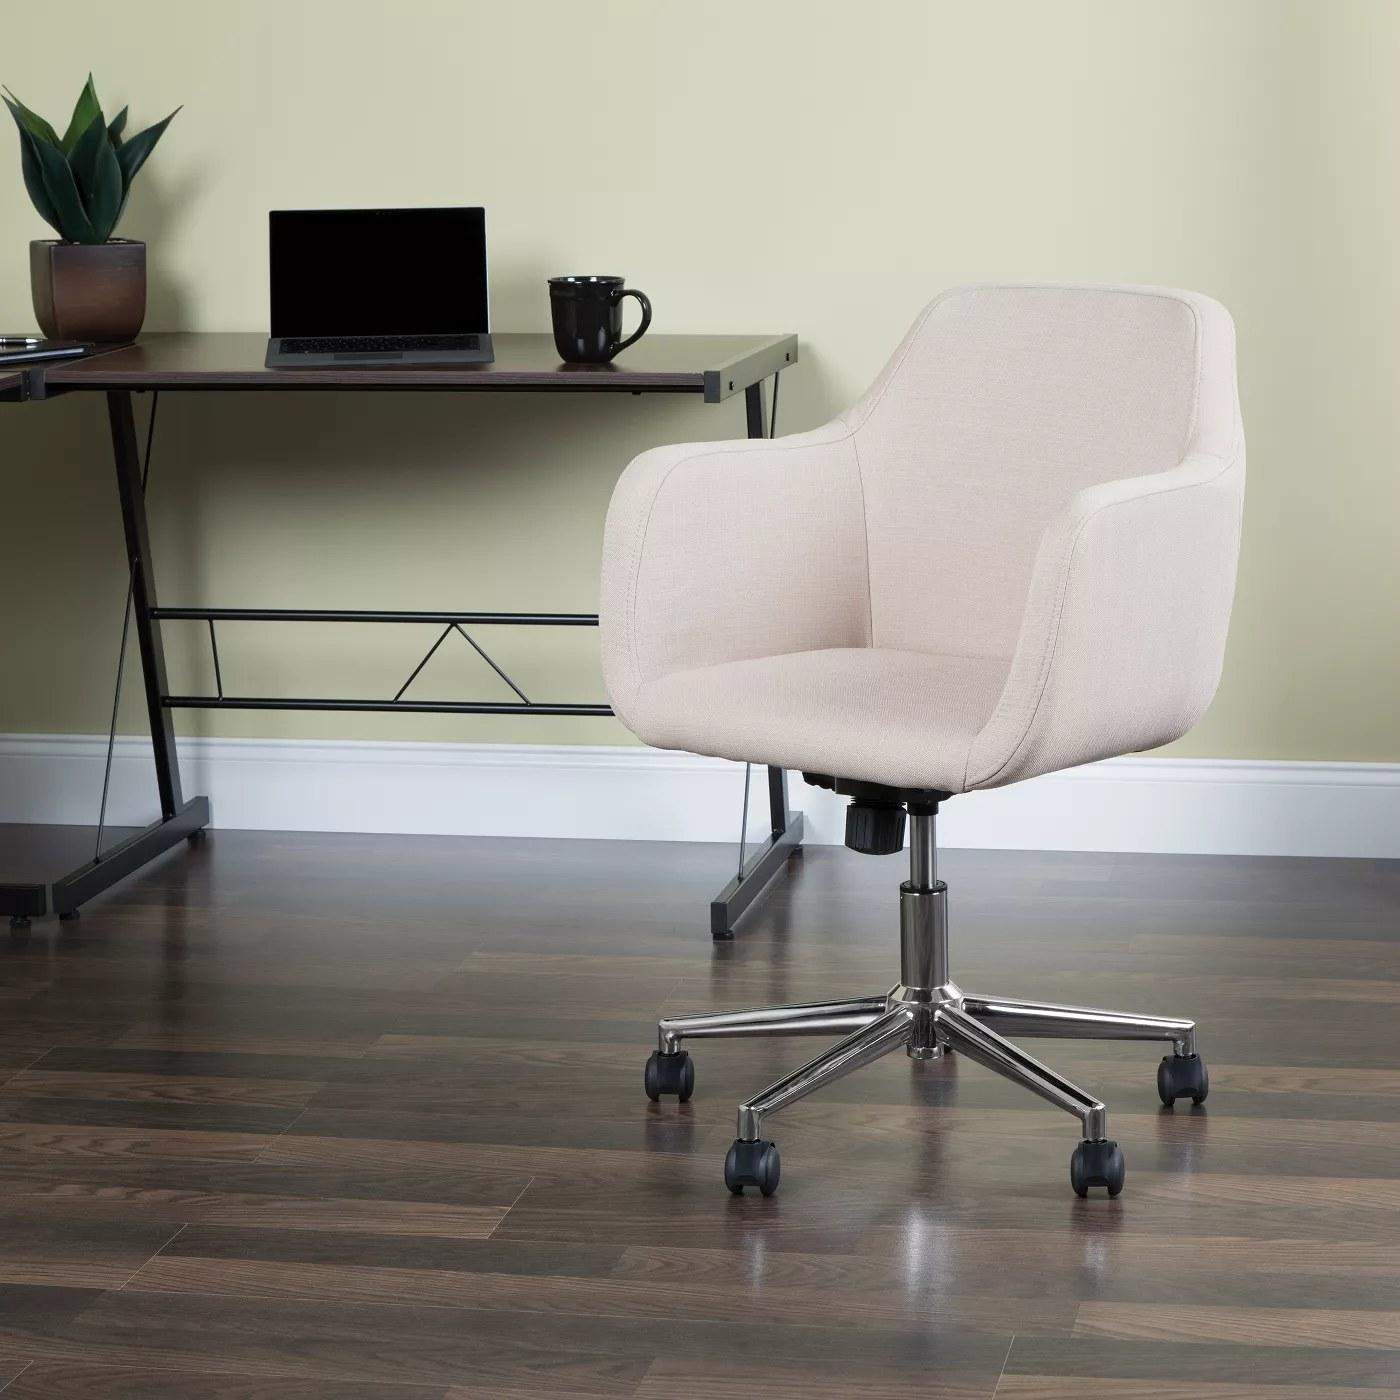 White upholstered desk chair on wheels